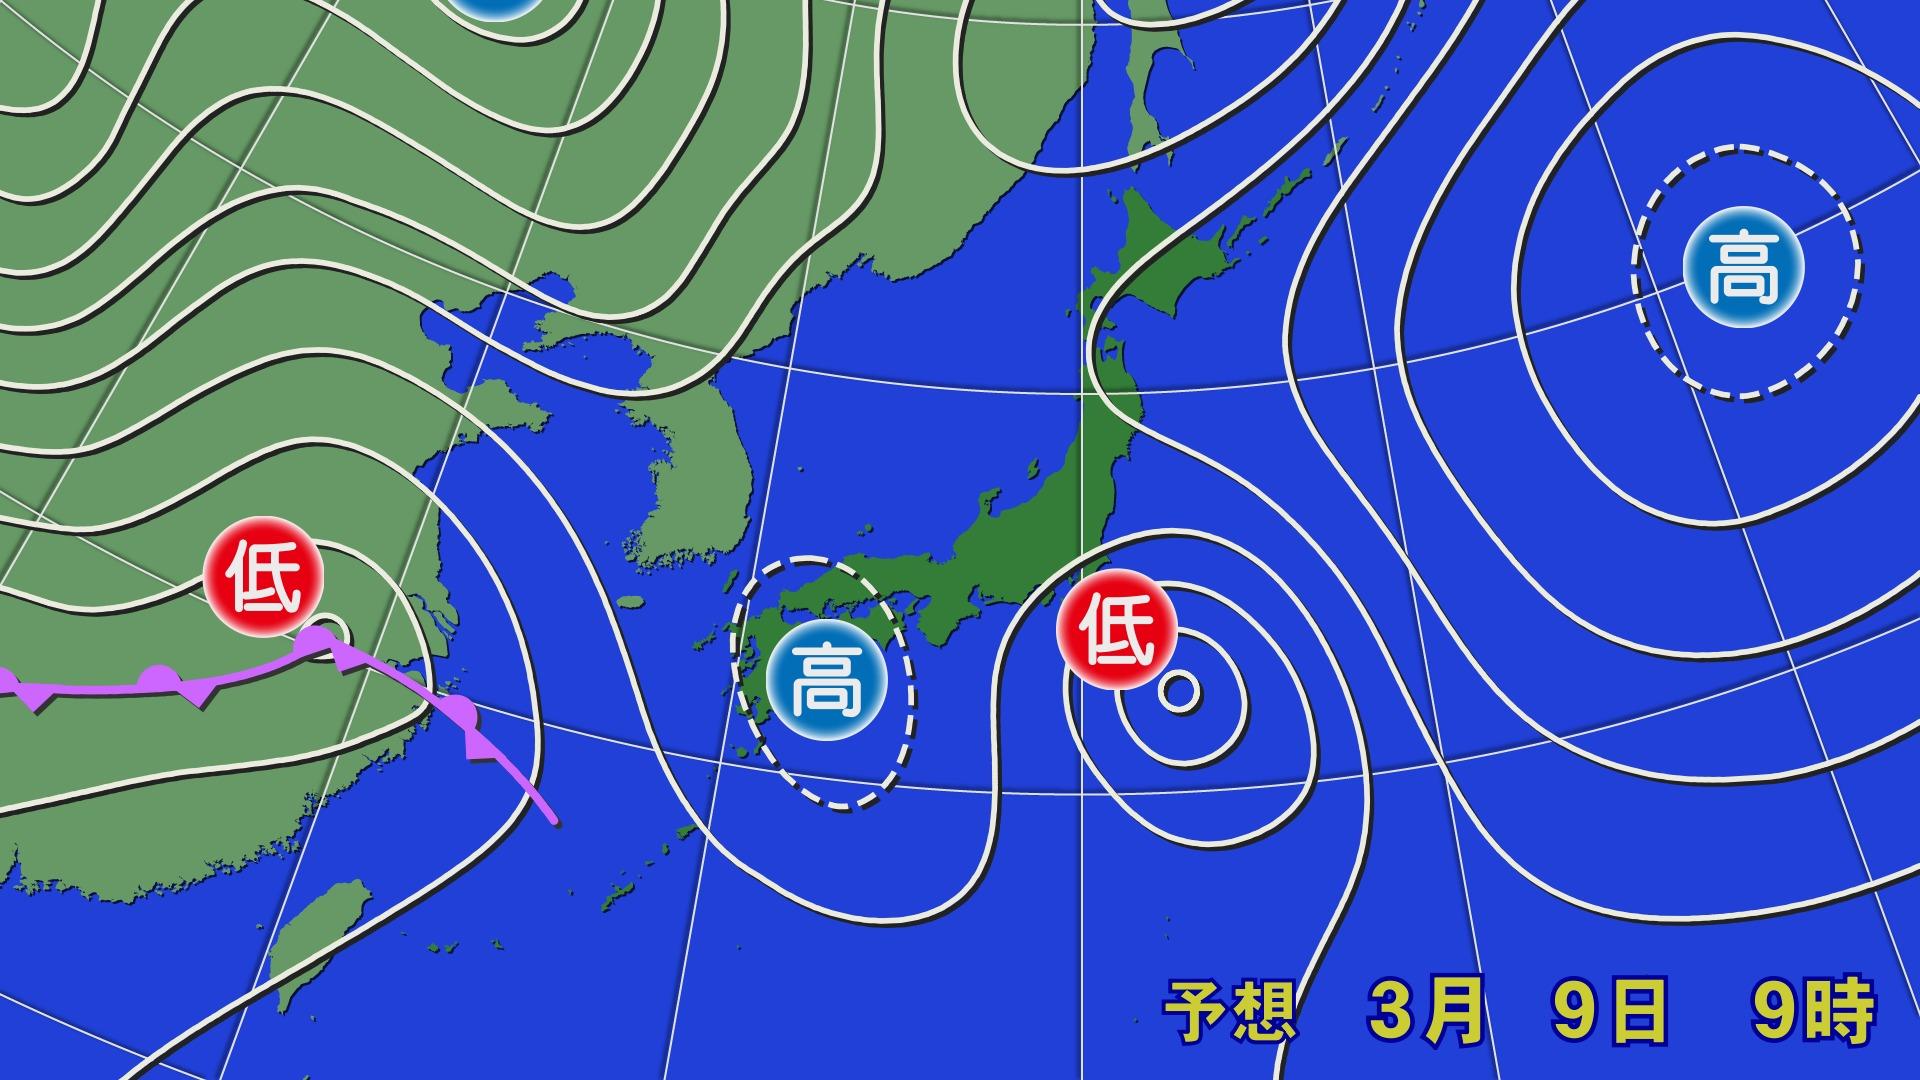 【9日(月)】太平洋側気温大幅アップ〜半袖OKの暖かさ?〜